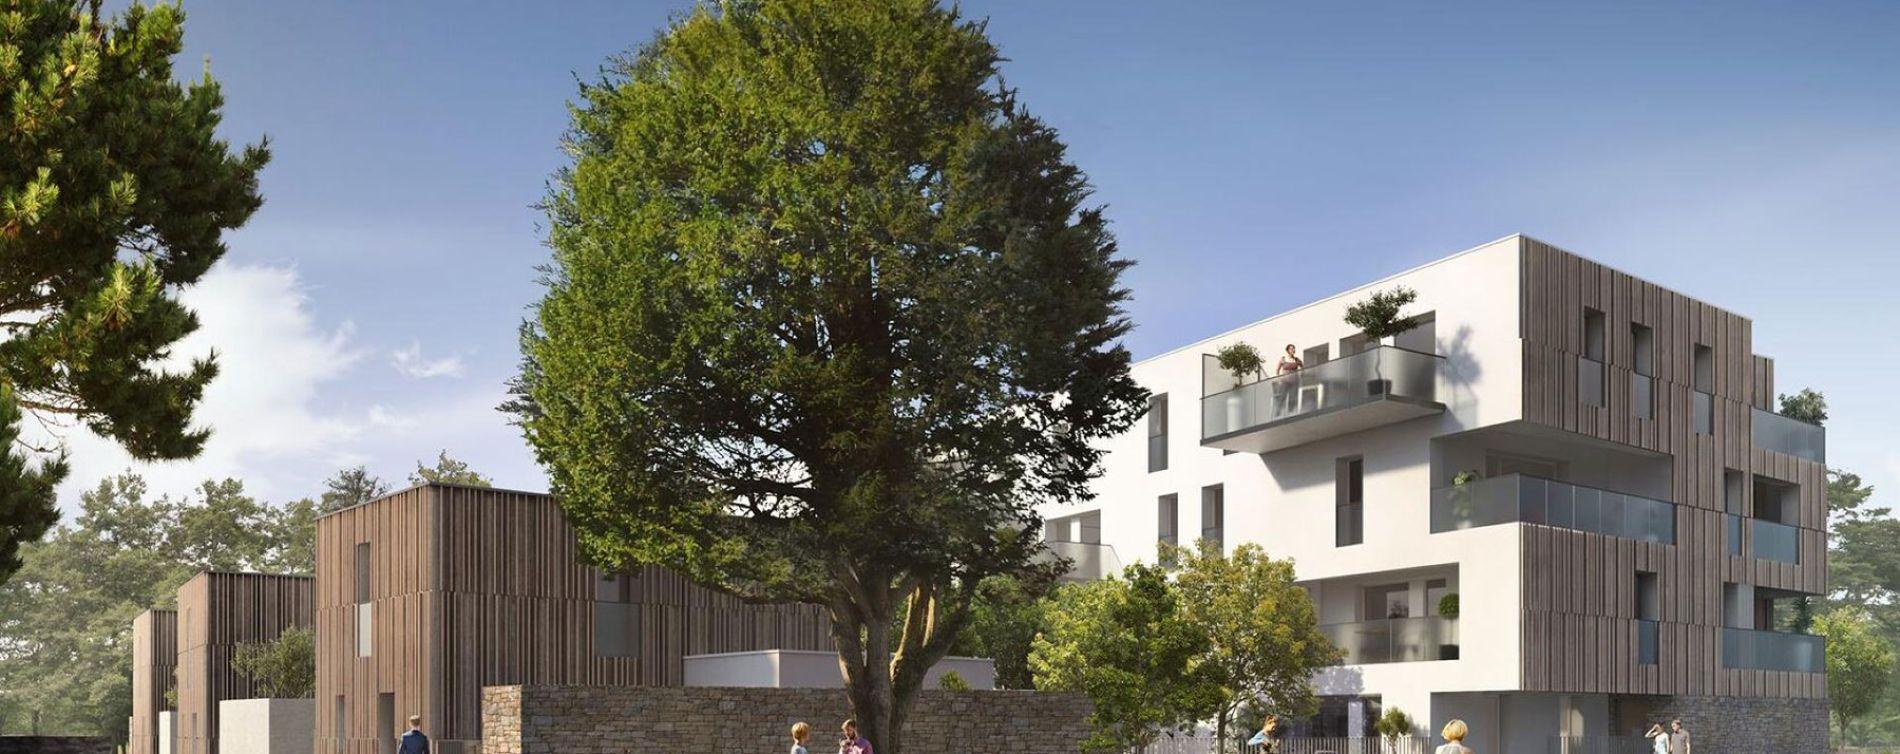 Sarzeau : programme immobilier neuve « Programme immobilier n°217771 » (3)